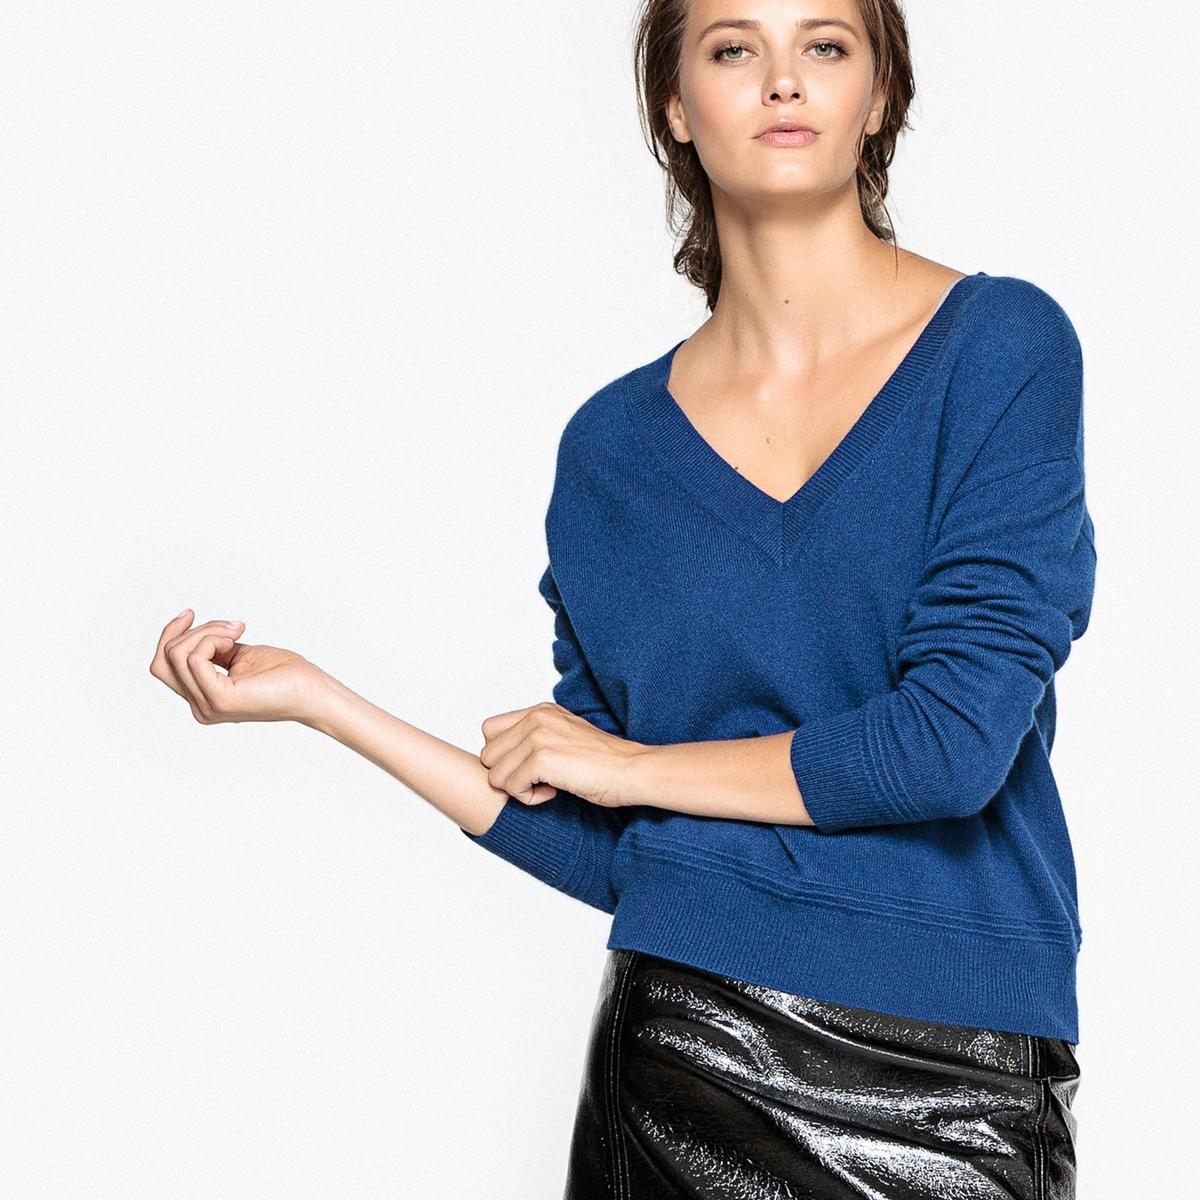 Пуловер из 100% кашемираДетали  •  Длинные рукава  •  Круглый вырез •  Тонкий трикотаж Состав и уход  •  100% кашемир •  Ручная стирка  •  Сухая чистка и отбеливание запрещены    •  Не использовать барабанную сушку •  Низкая температура глажки<br><br>Цвет: серый меланж,темно-бежевый,темно-синий,ультрафиолет<br>Размер: L.M.S.XXL.M.L.L.M.XL.XXL.S.S.S.XXL.XL.XXL.XL.L.M